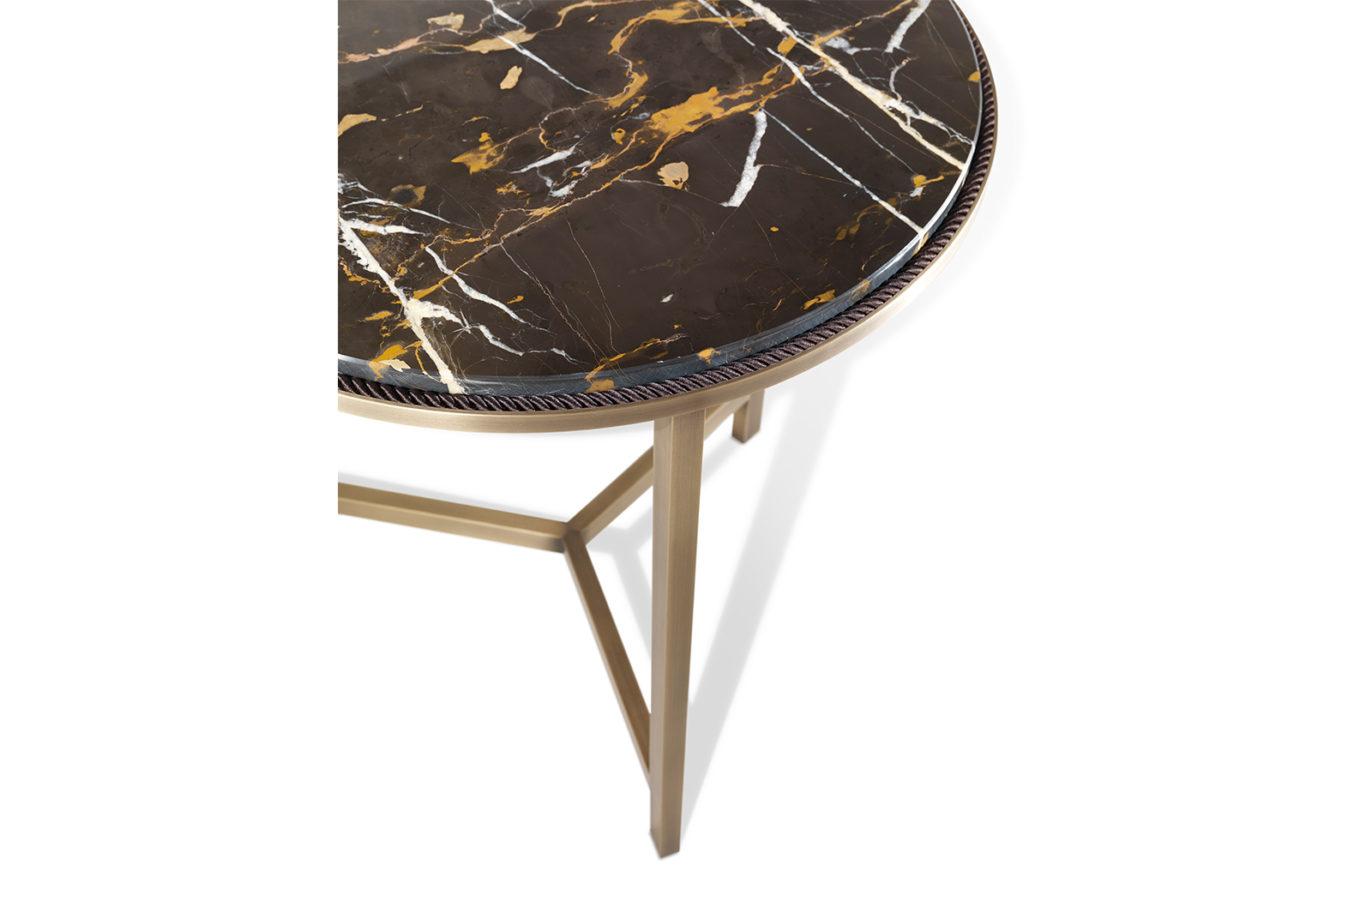 Gianfranco Ferre Home Ascott Side Table 02